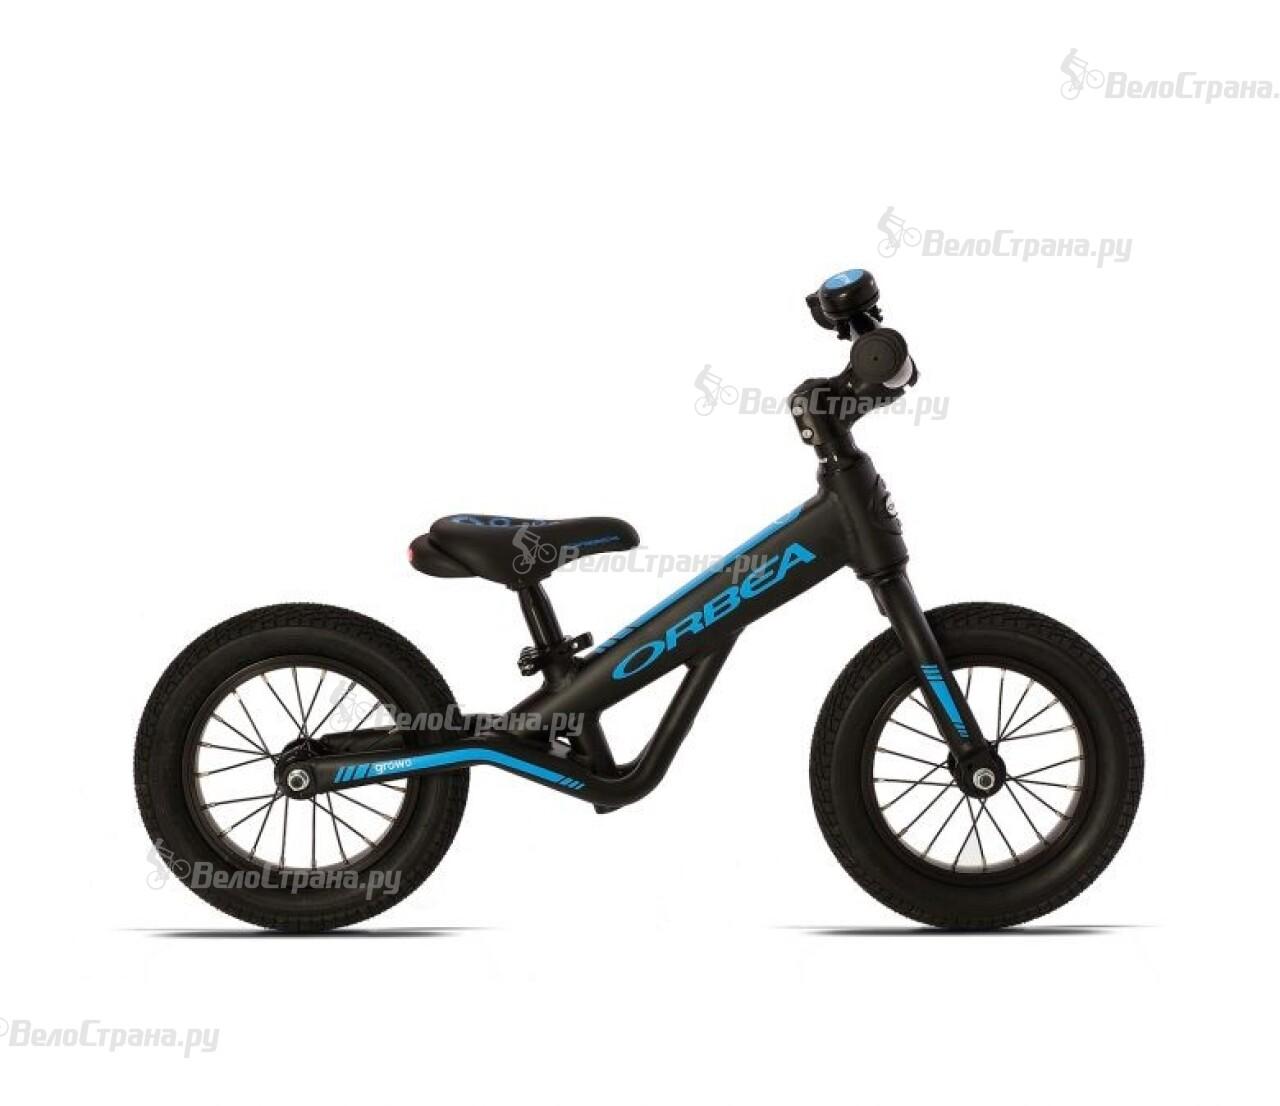 все цены на Велосипед Mongoose Salvo Sport (2013) онлайн